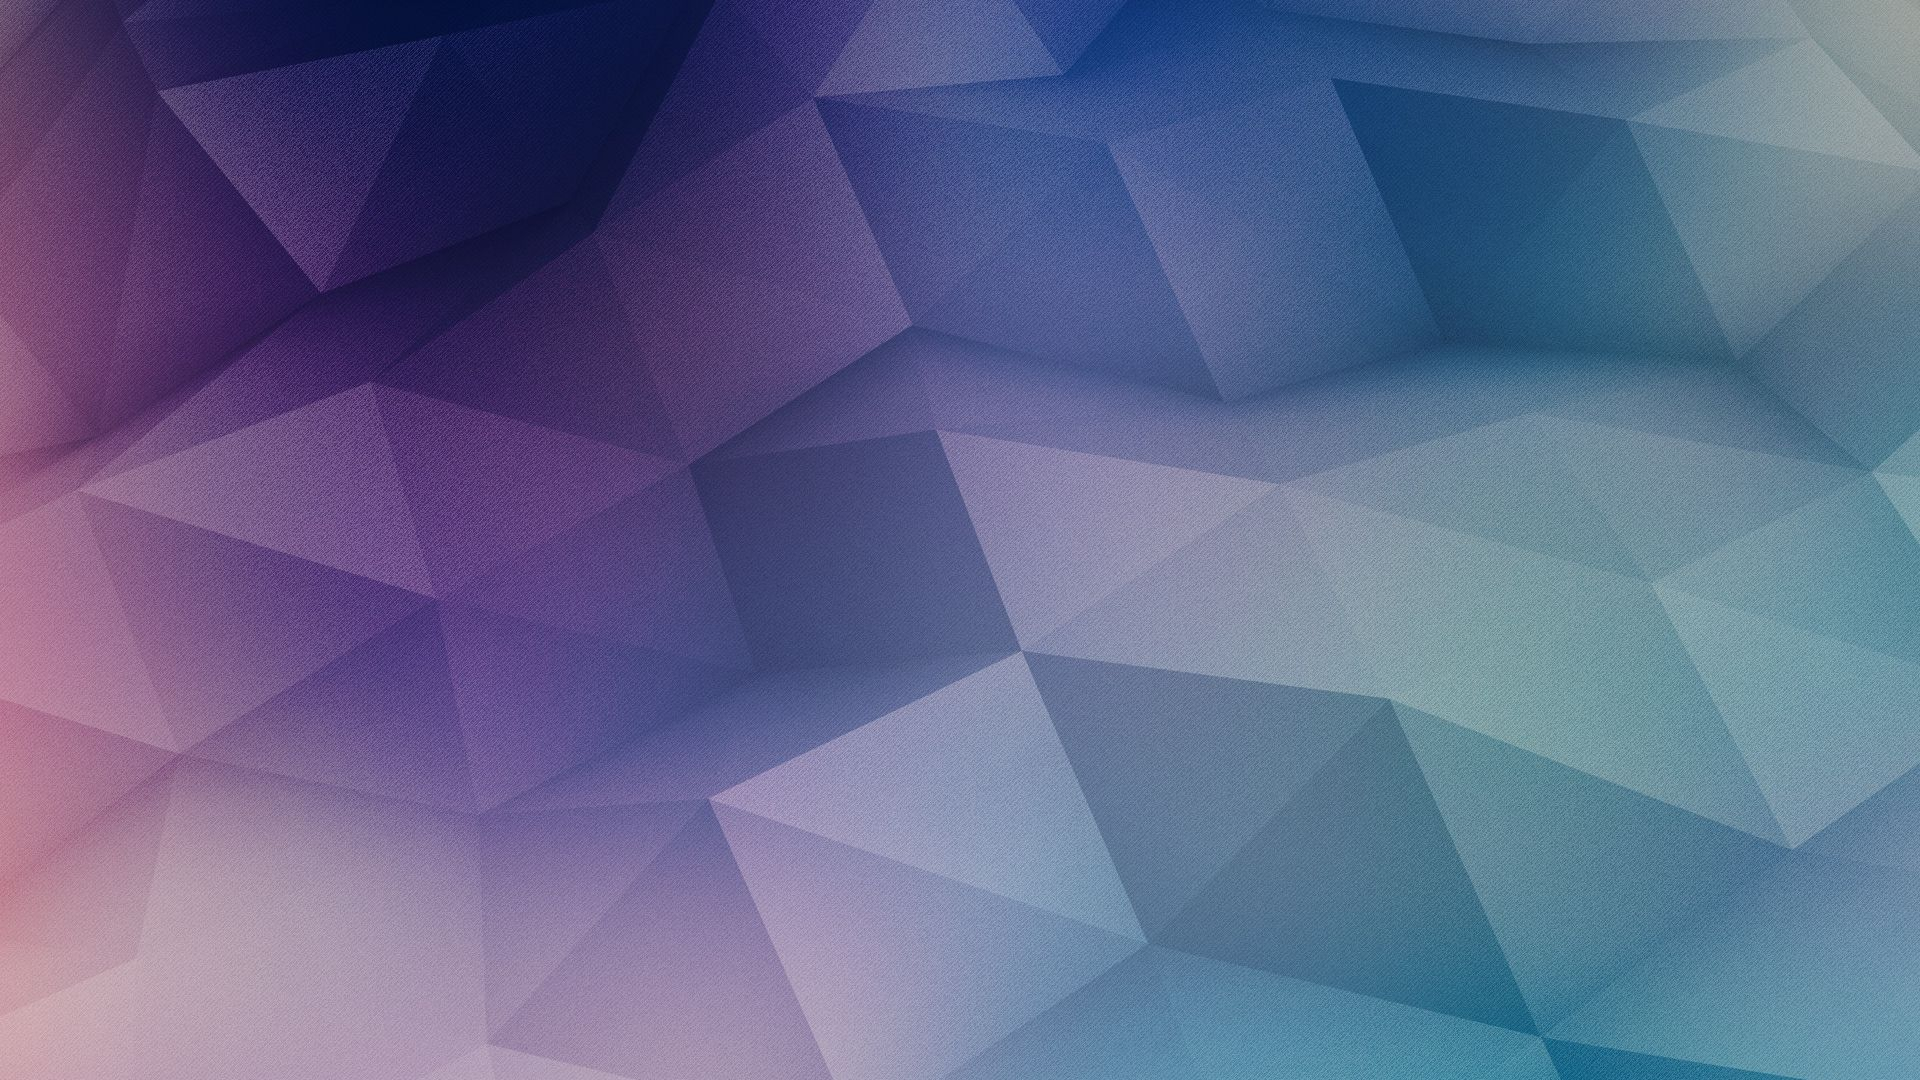 Cool Website Background desktop free